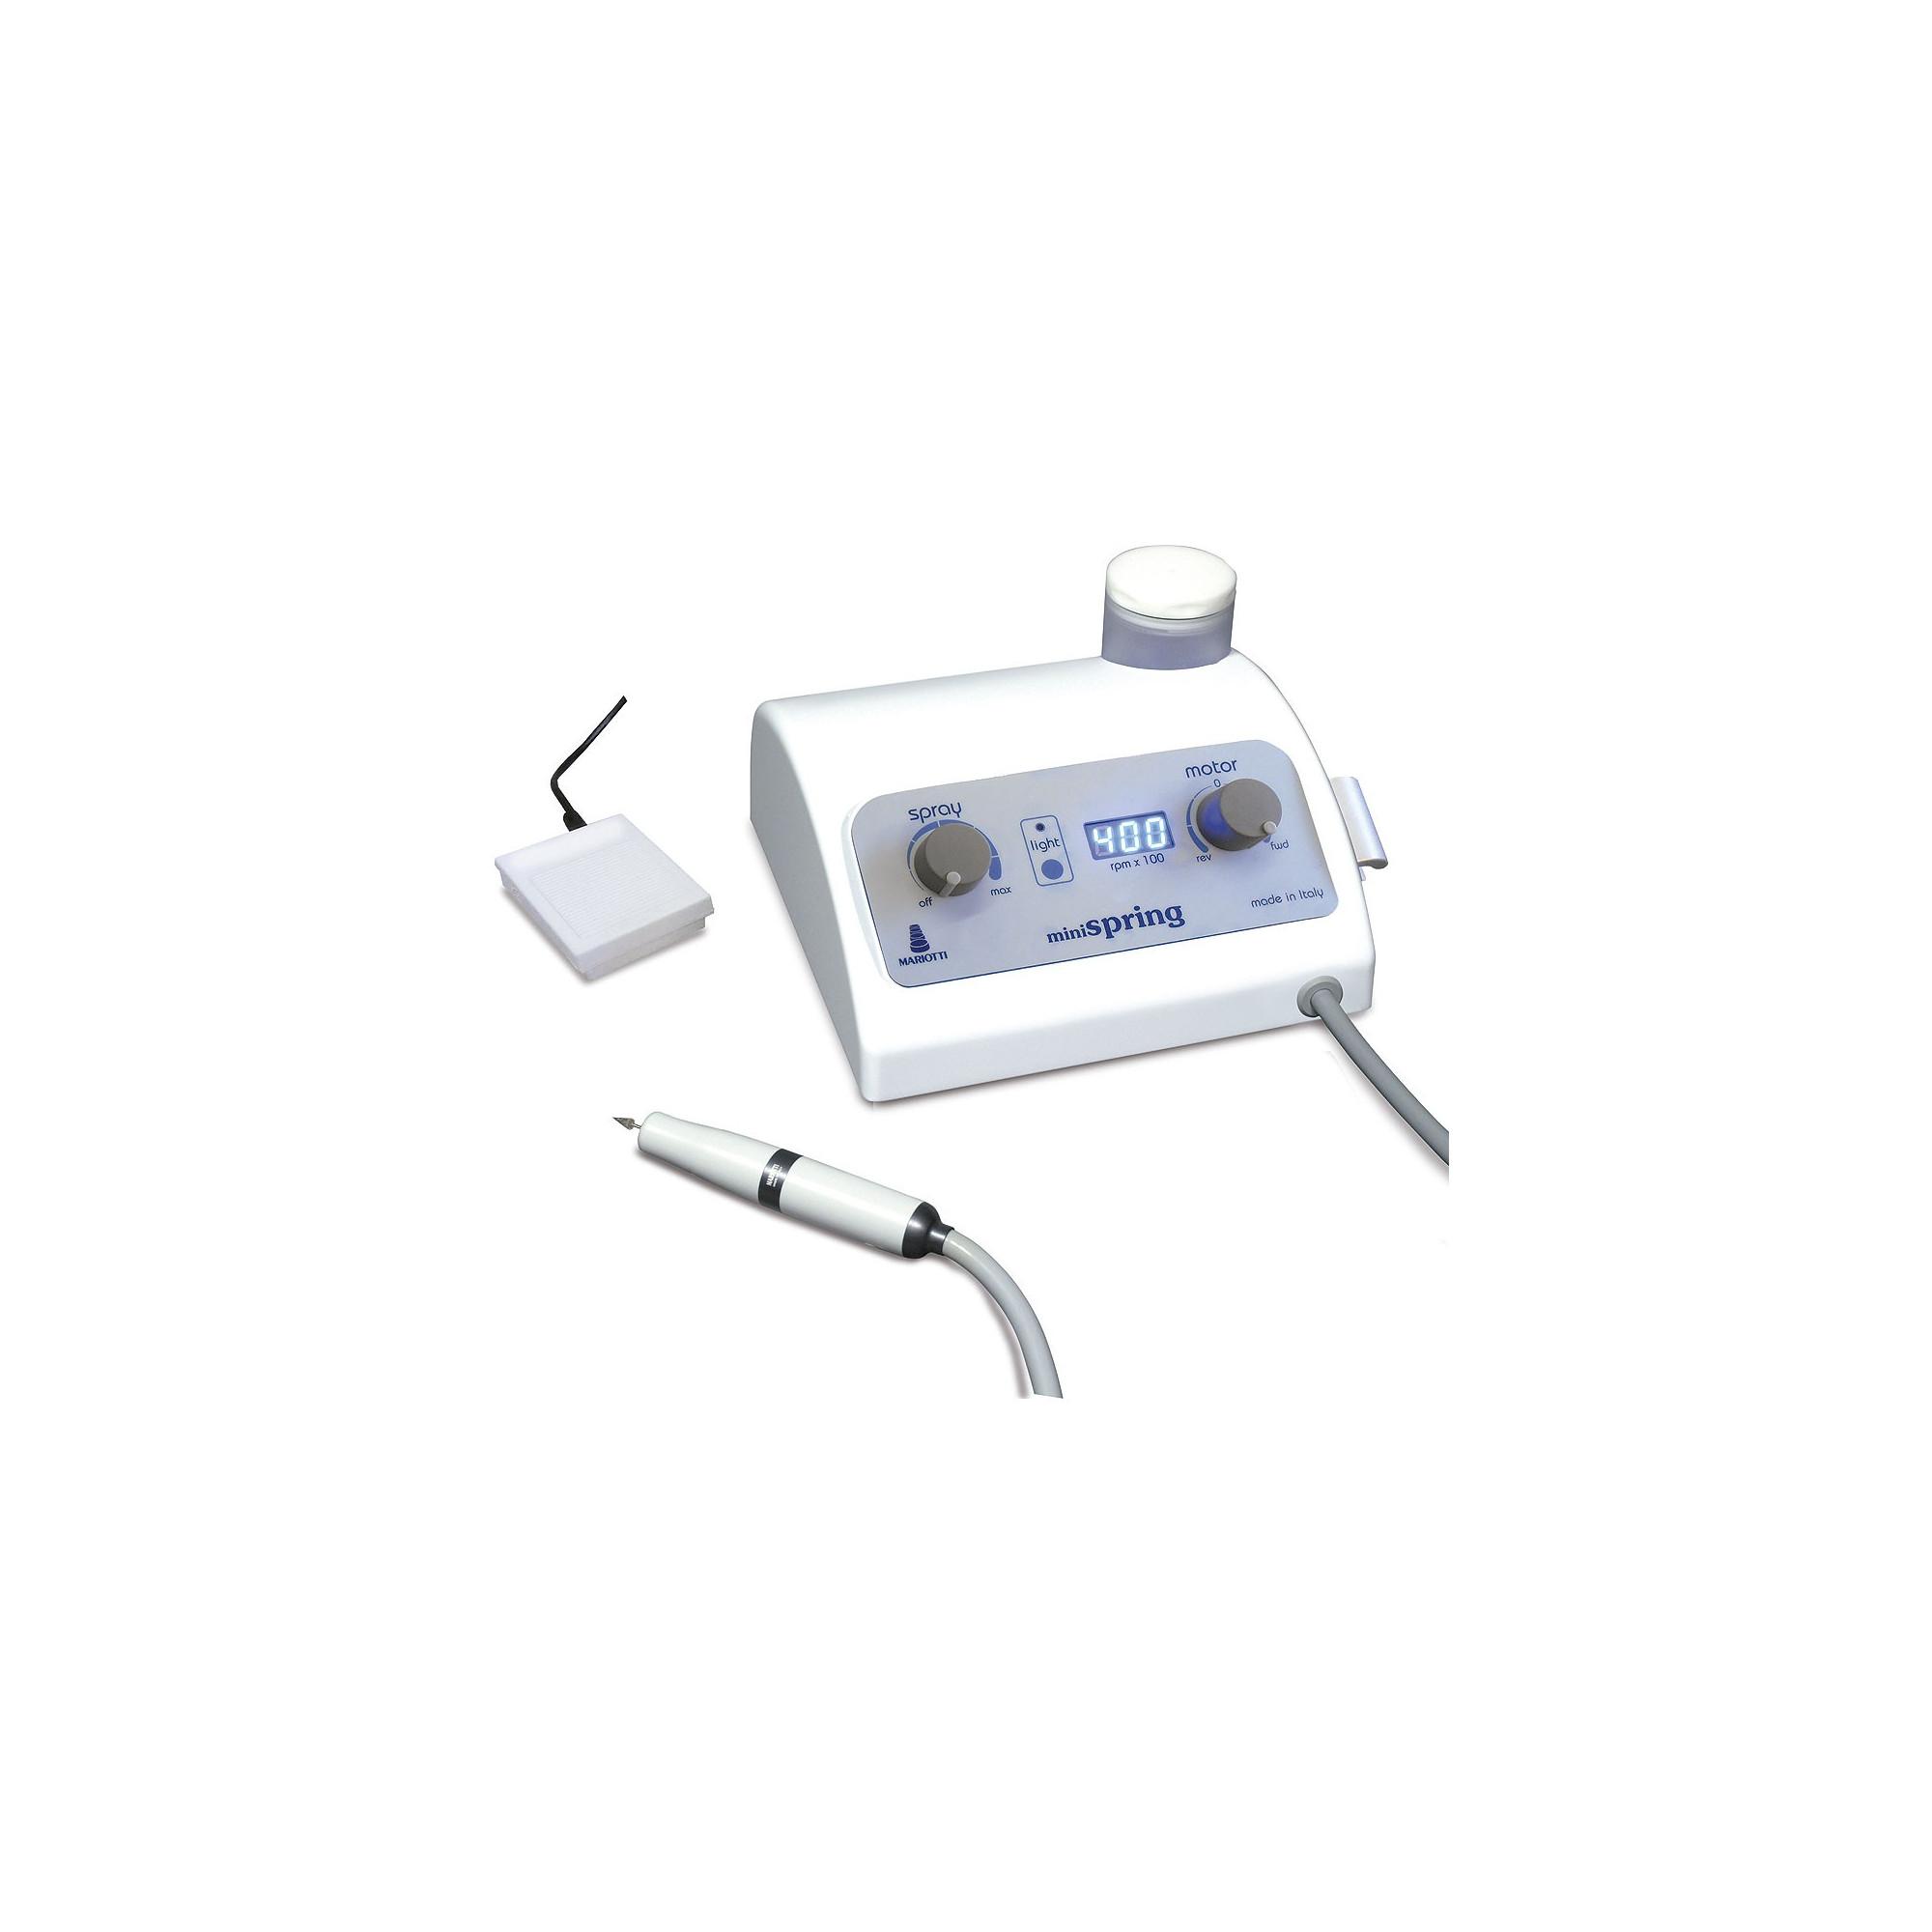 Micromoteur Kinefis MiniSpring sans brosses avec Spray et lumière LED 40 000 tr/min